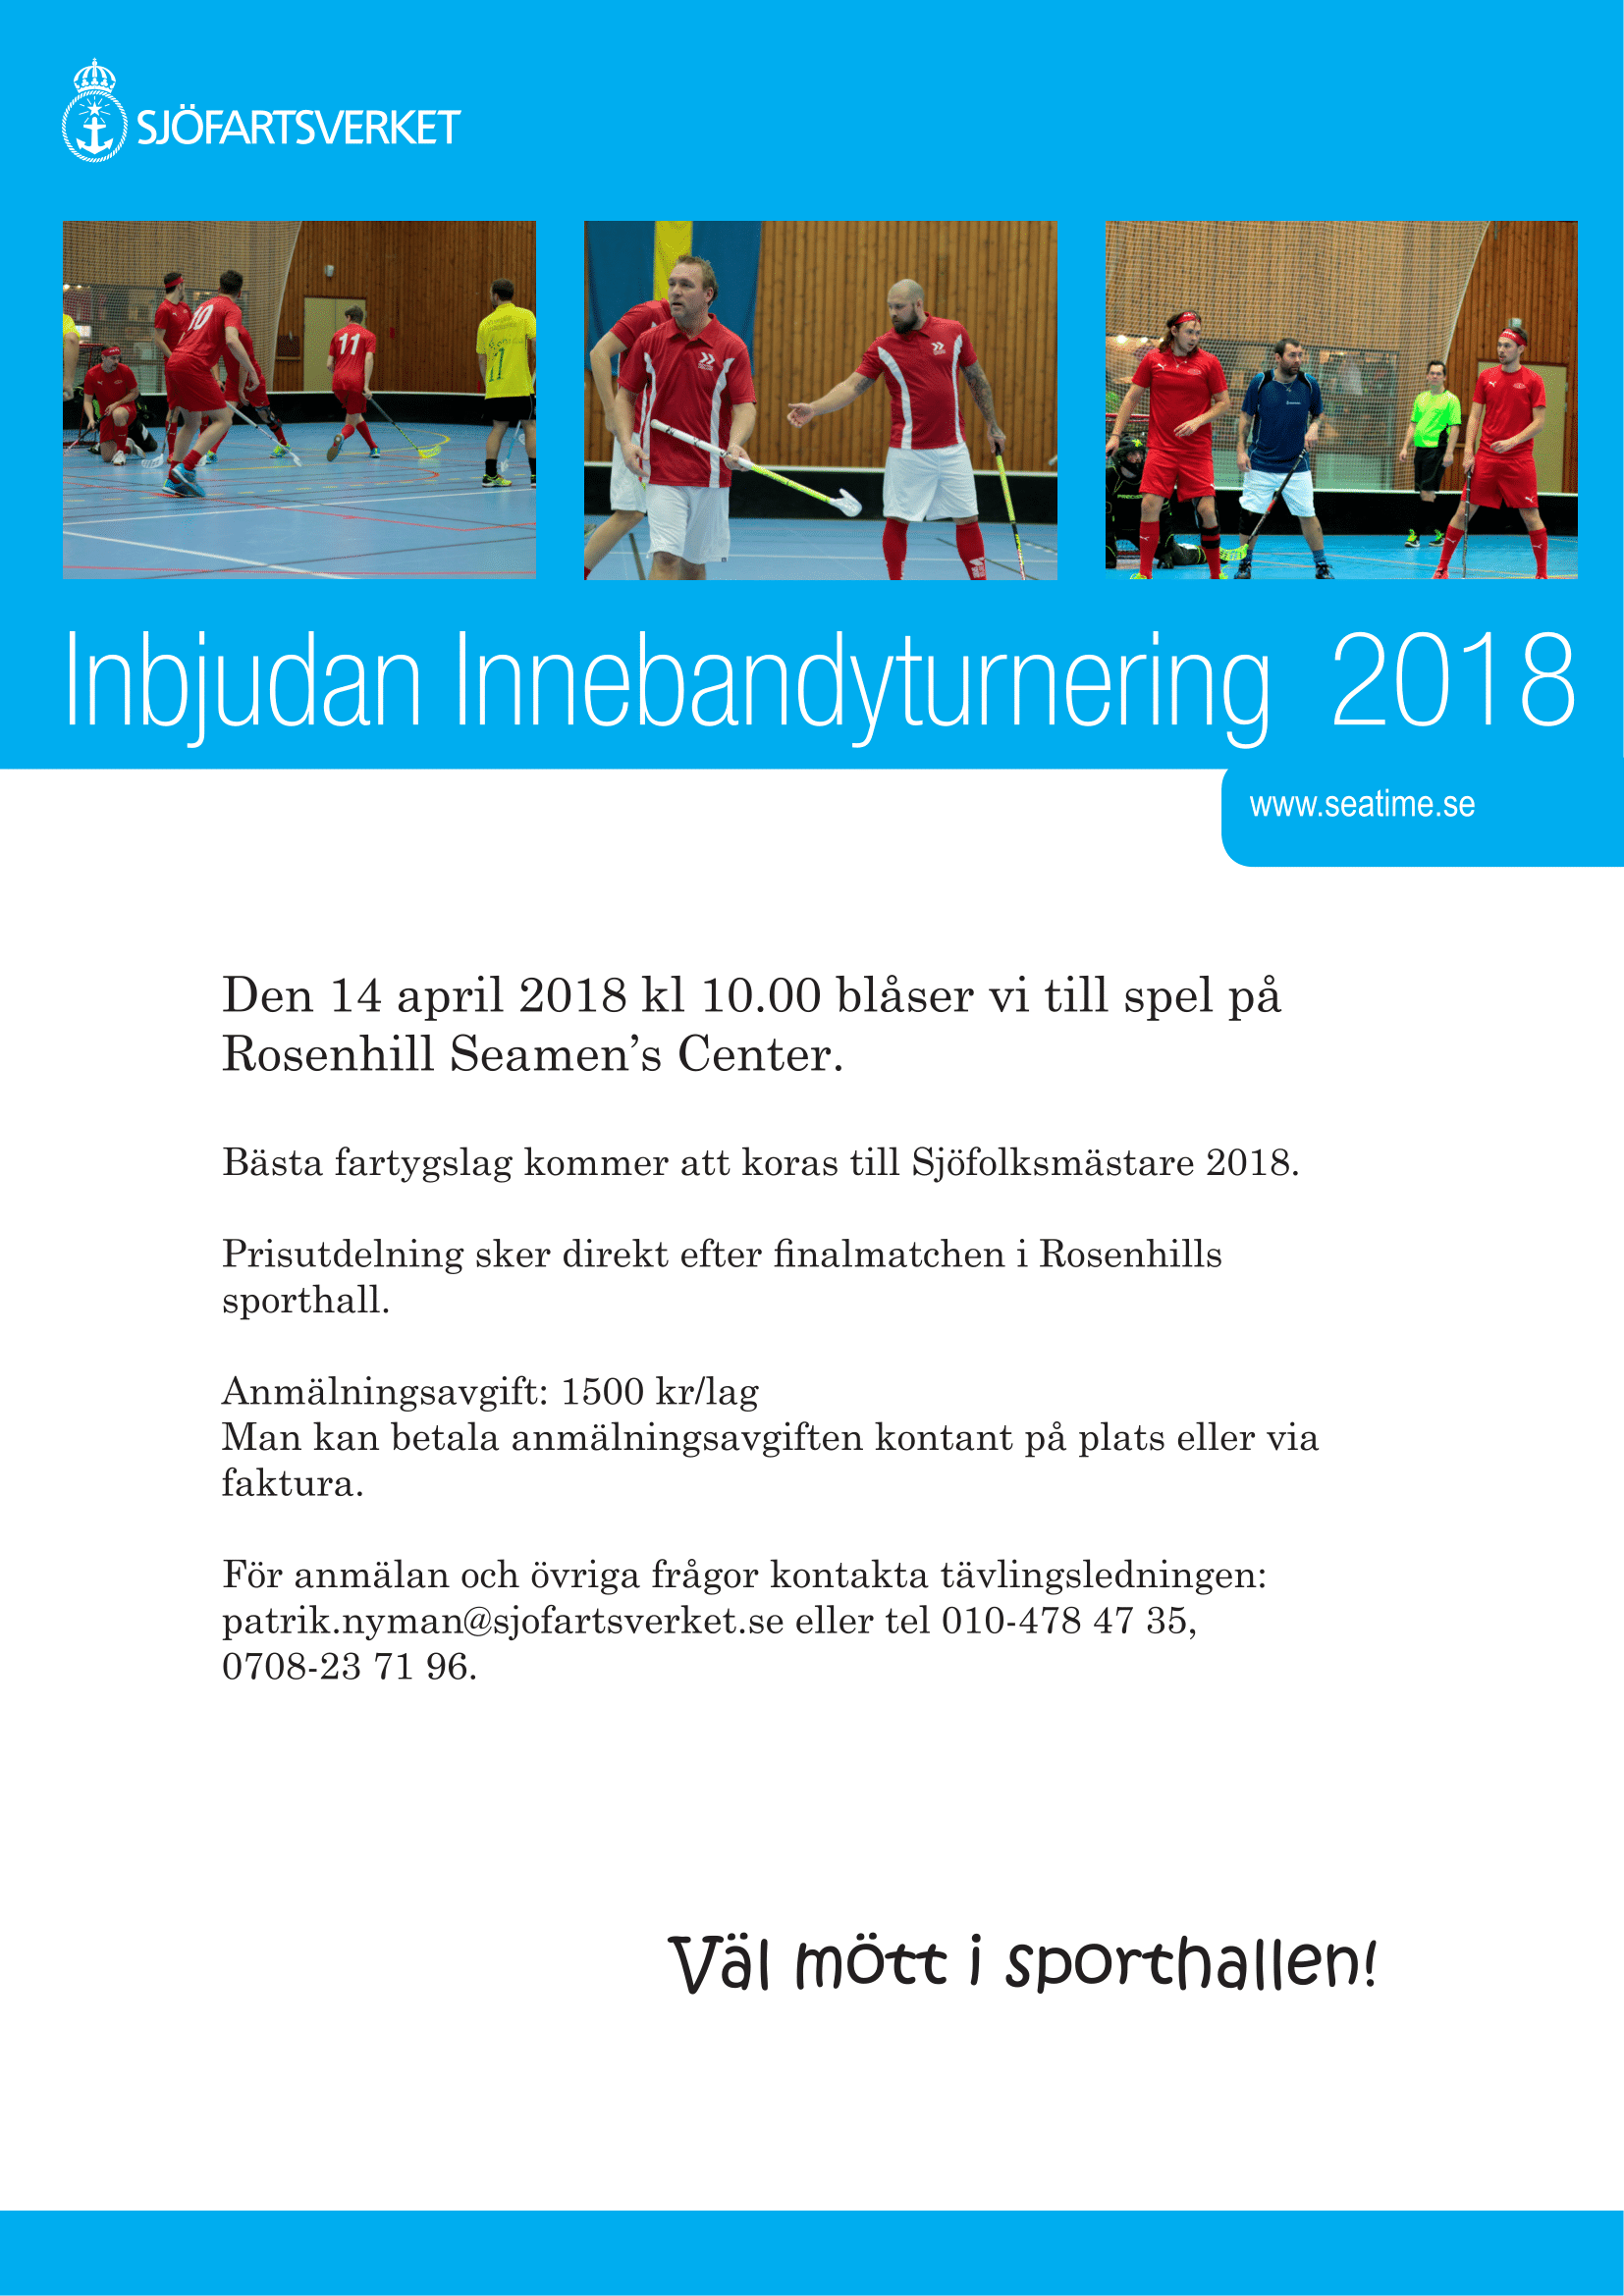 Innebandyturnering 2018